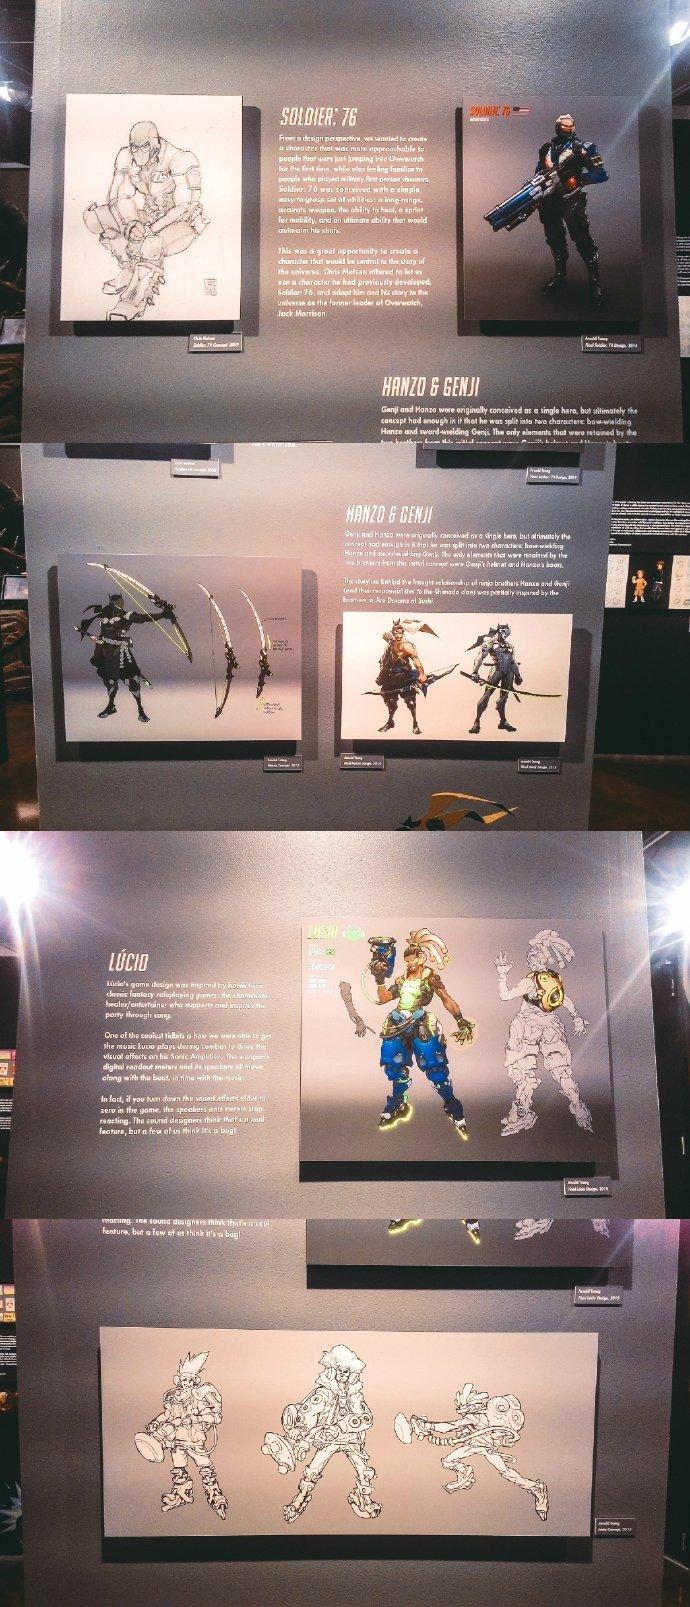 《守望先锋》暴雪总部办公区一览!多位英雄早期设计图曝光